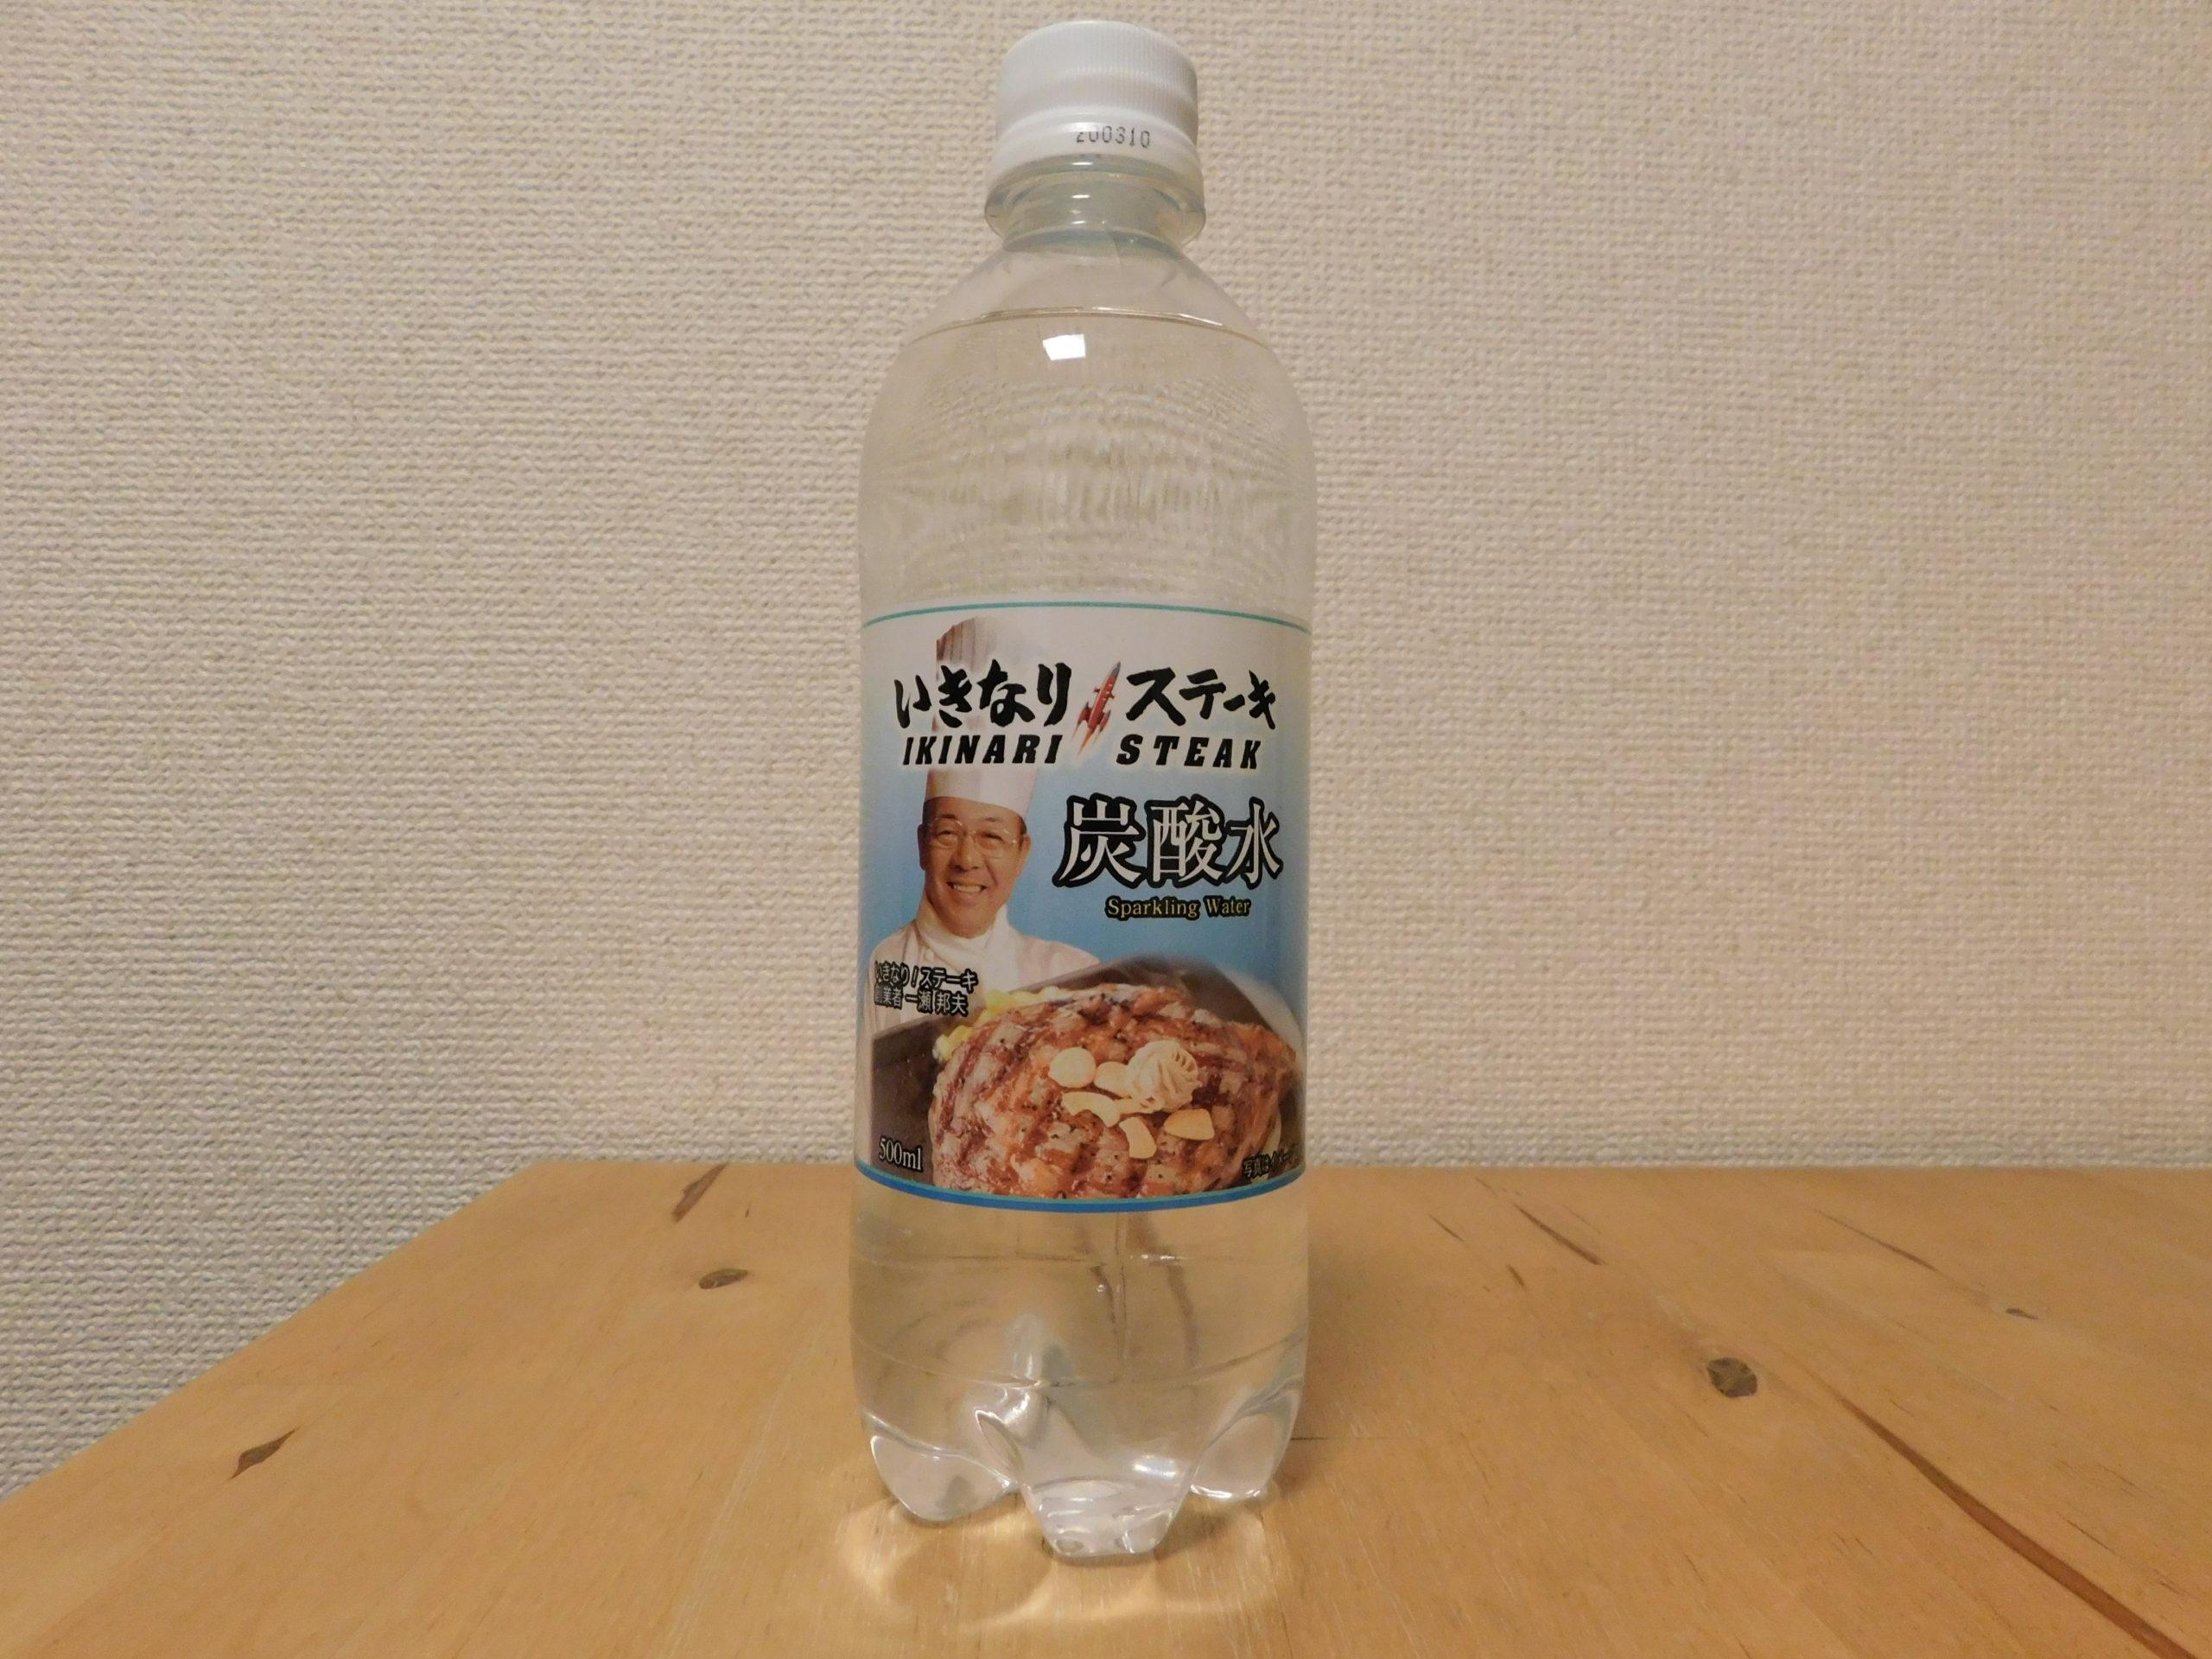 いきなりステーキ 炭酸水